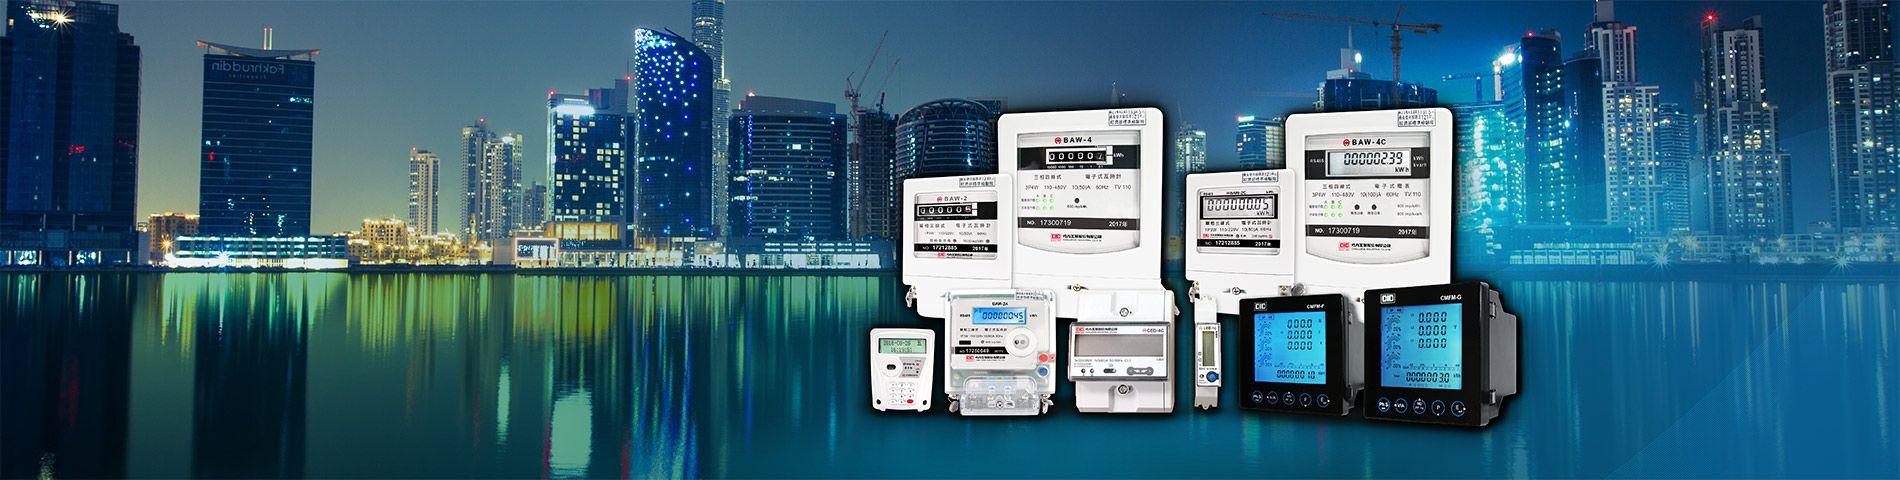 專業電子產品 完整技術支援 優良售後服務